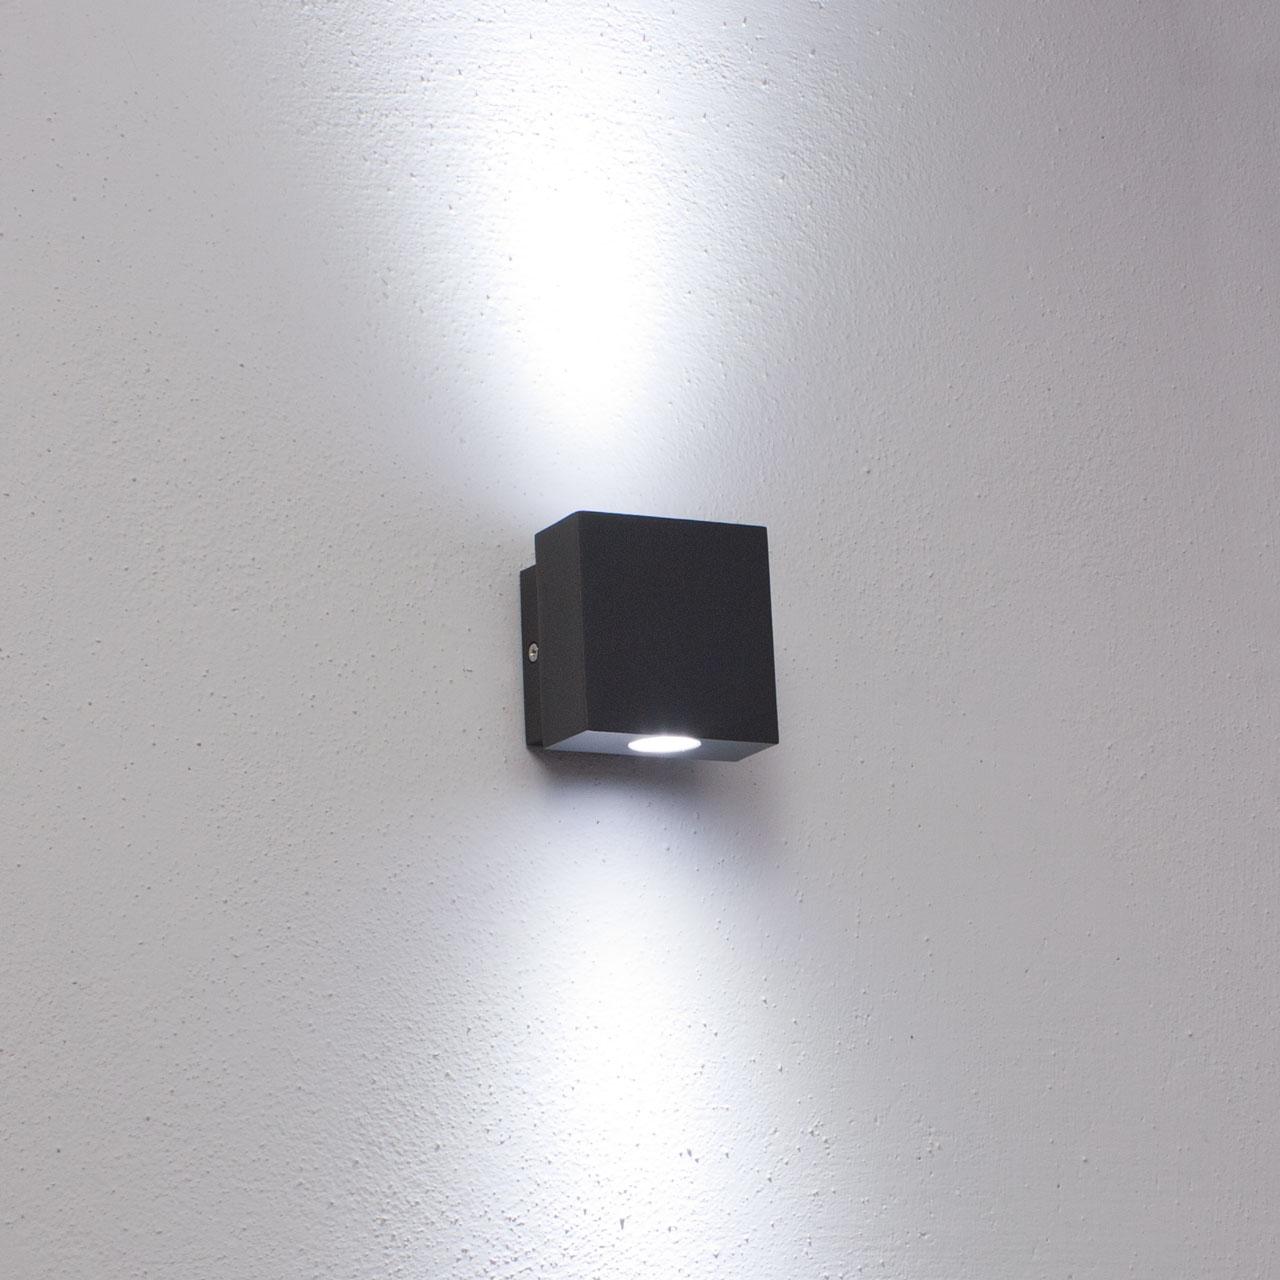 Faretti da muro ikea: come illuminare efficacemente la cucina in ...